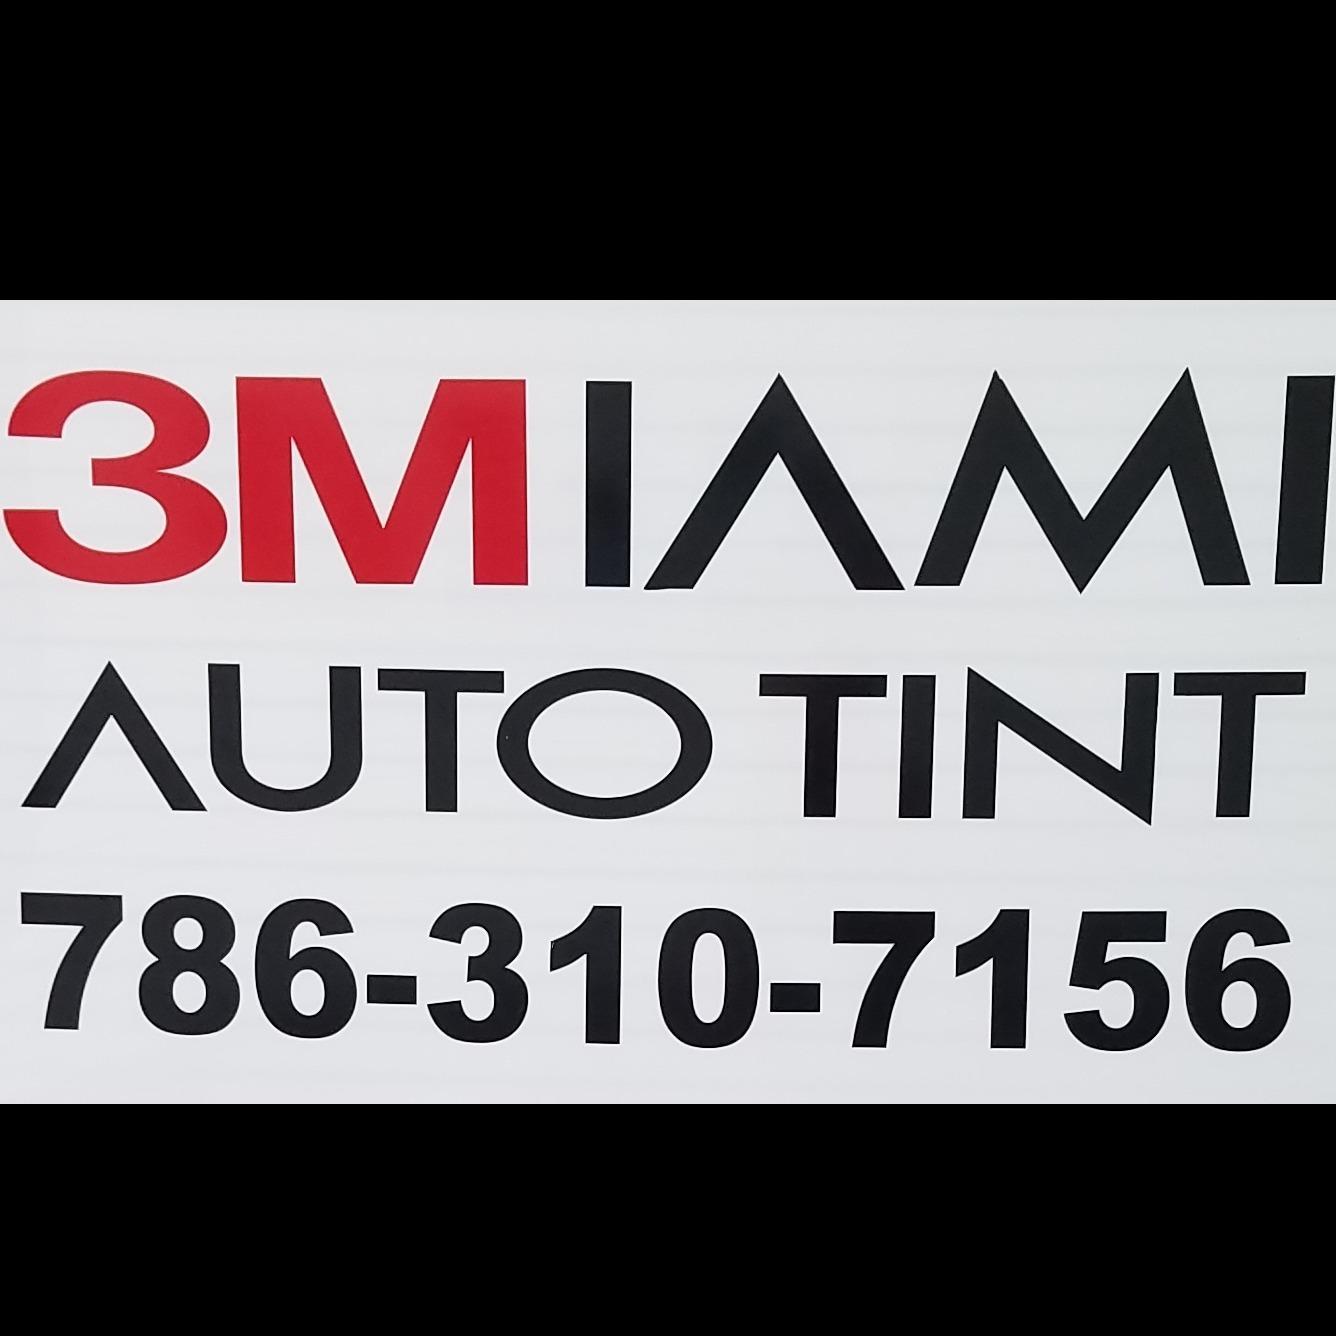 Miami Auto Tint